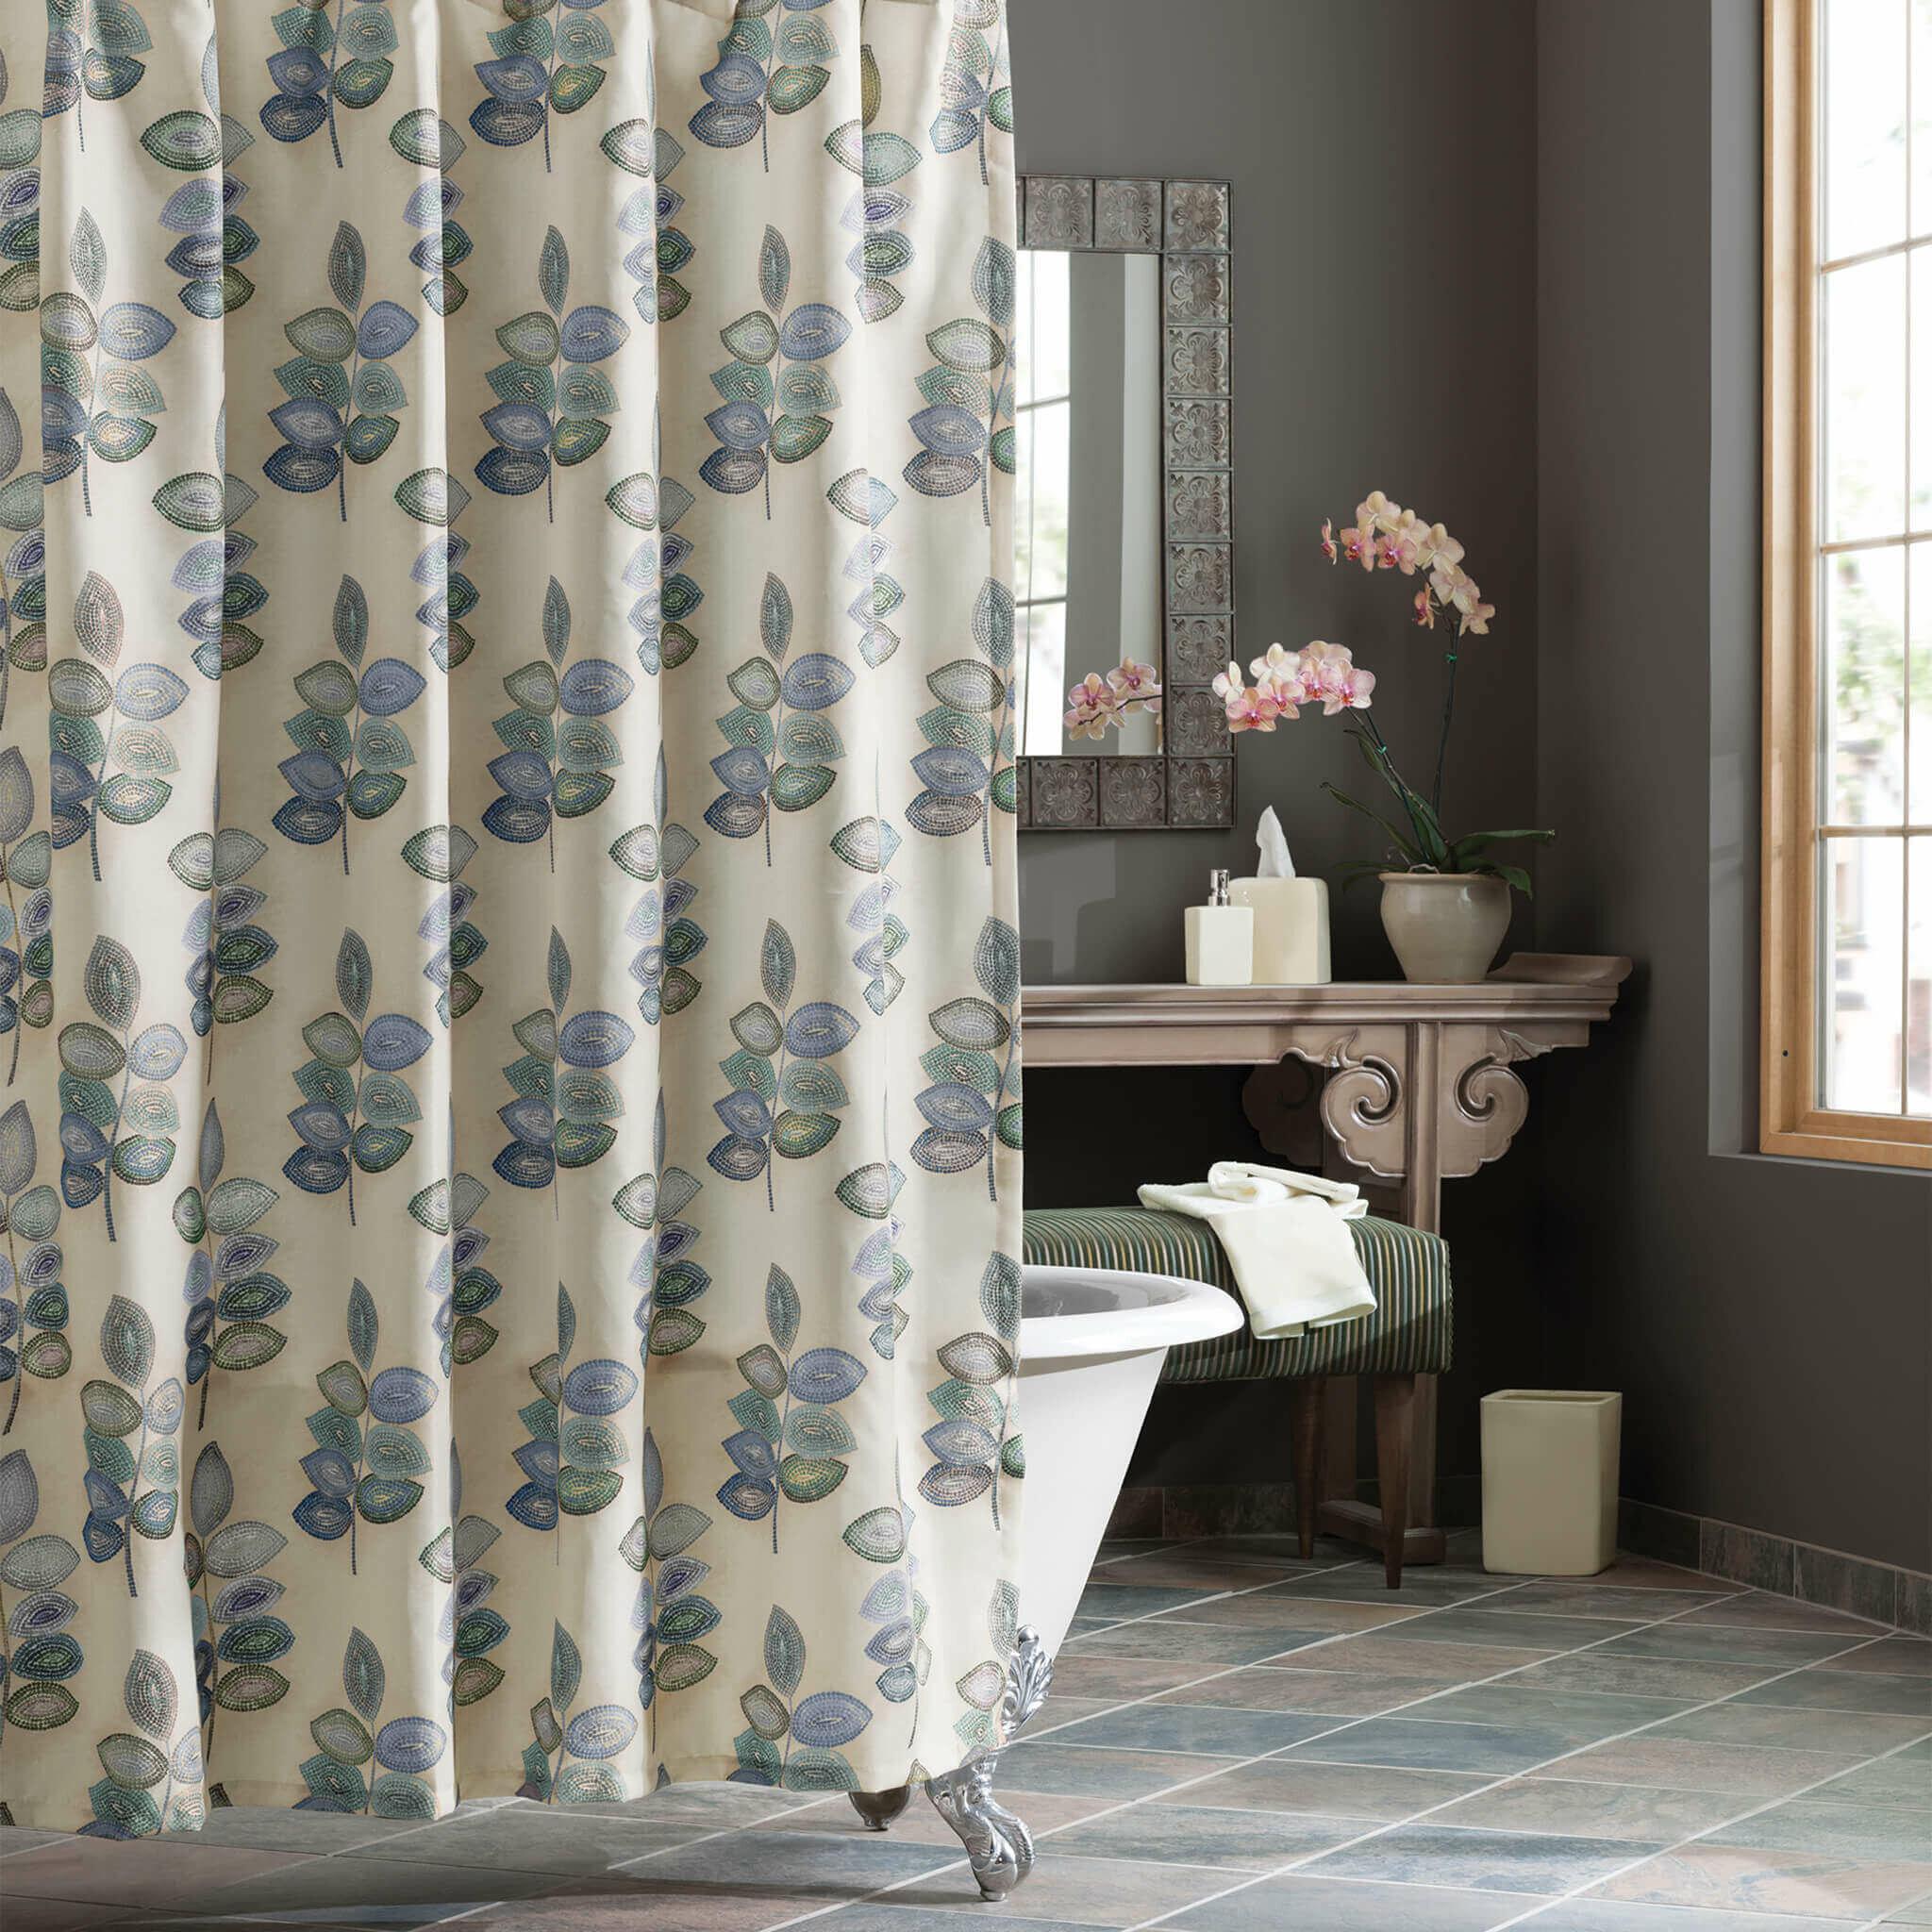 Croscill Mosaic Leaves Spa Shower Curtain Reviews Wayfair